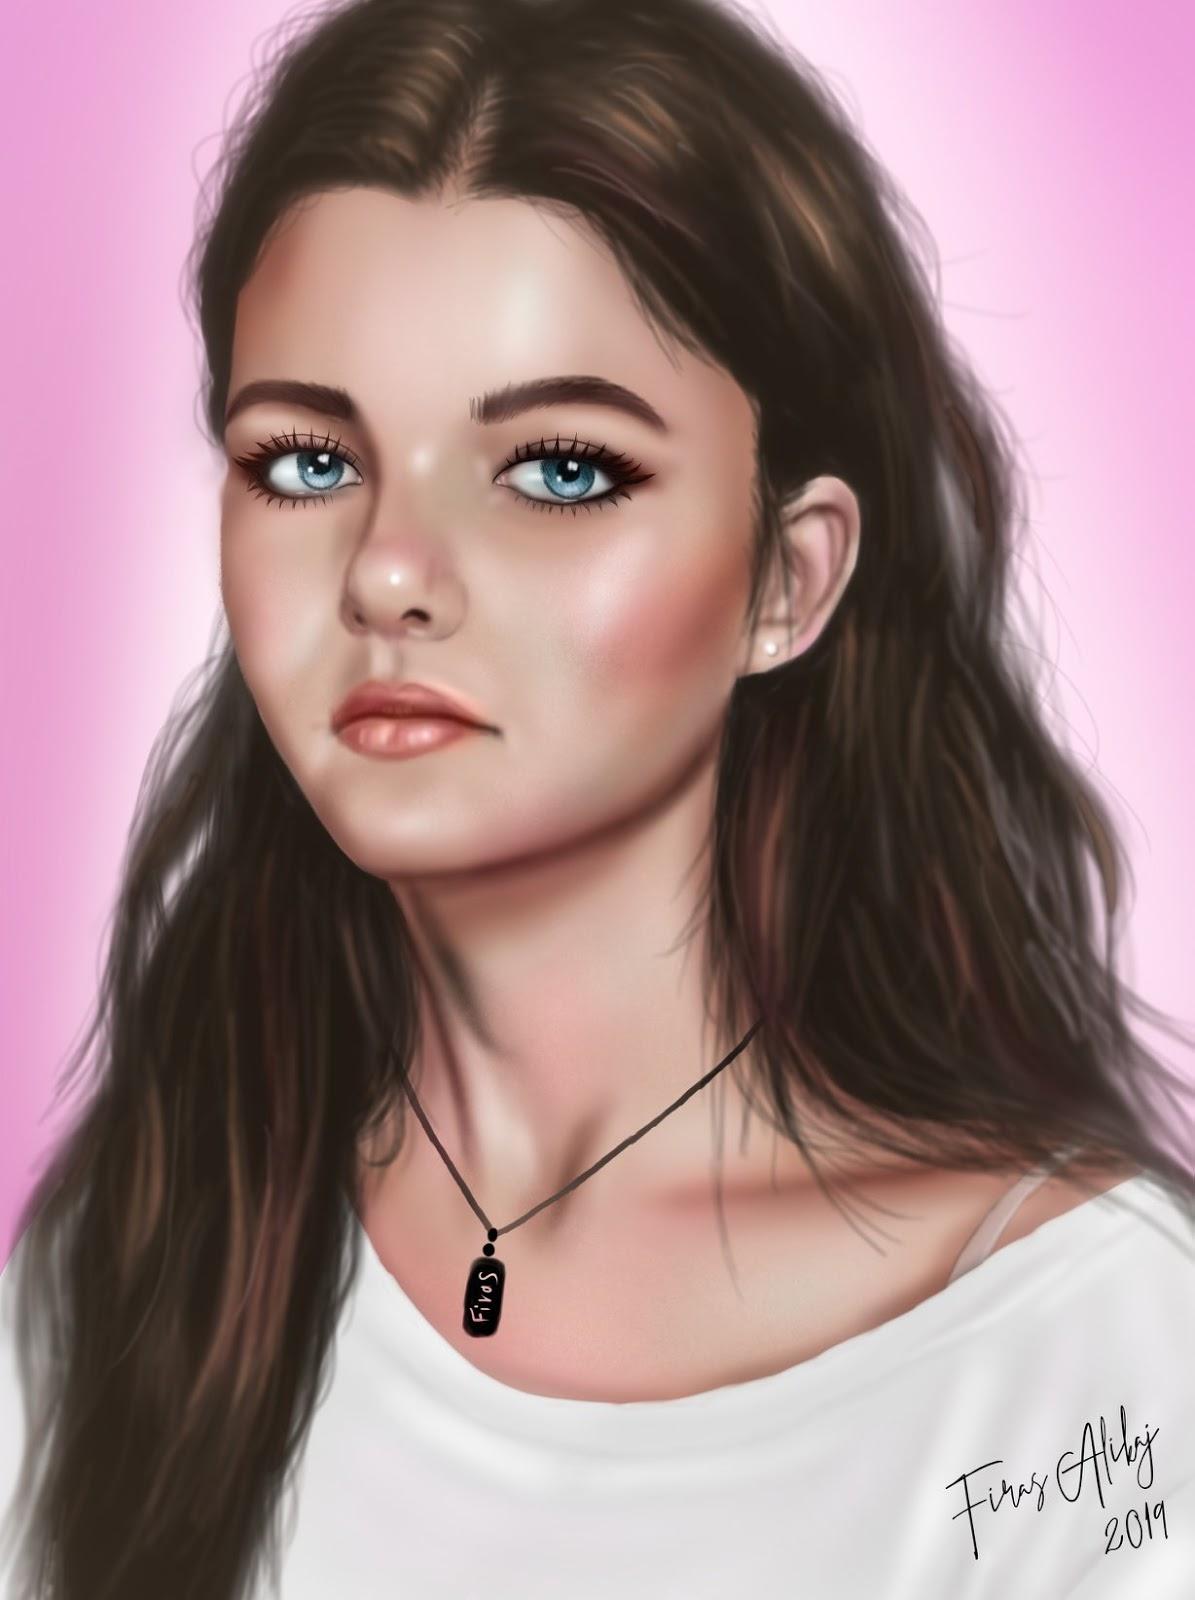 Kelsey Portrait - FanArt by Firas Alikaj - BlogFanArt